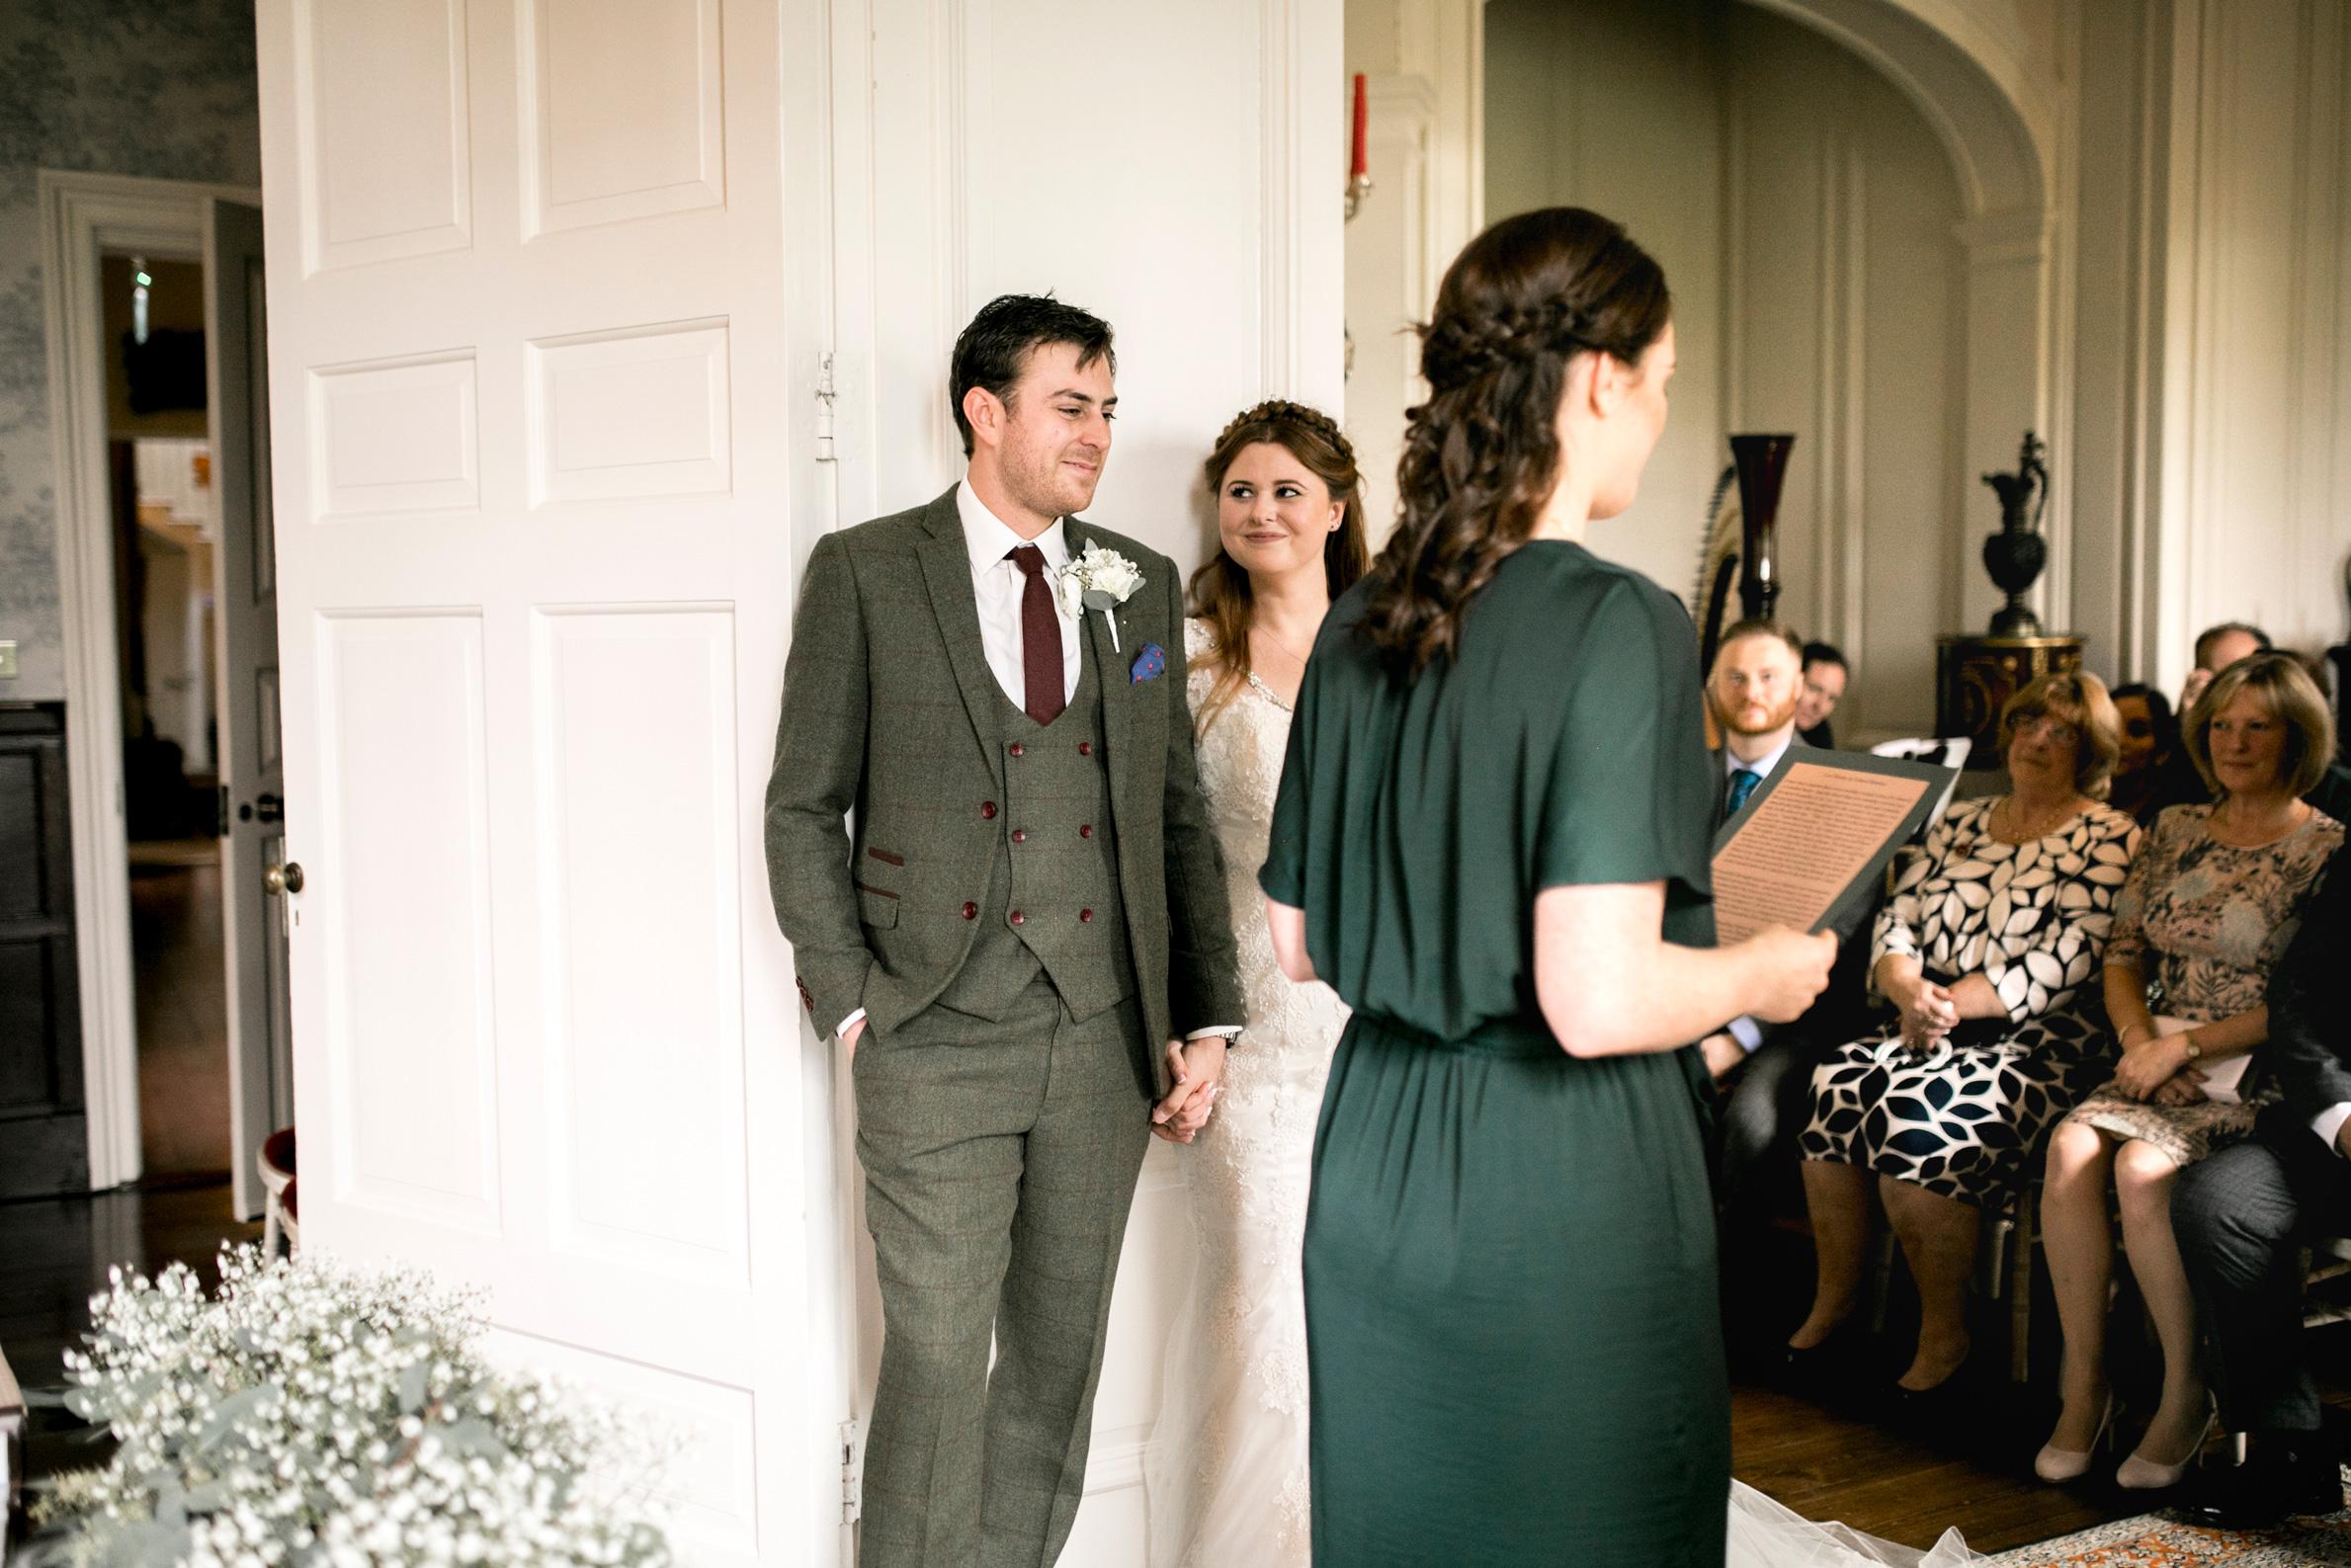 Wedding Ceremony, Ceremony Reading, Autumn Wedding, Tweed Suit,